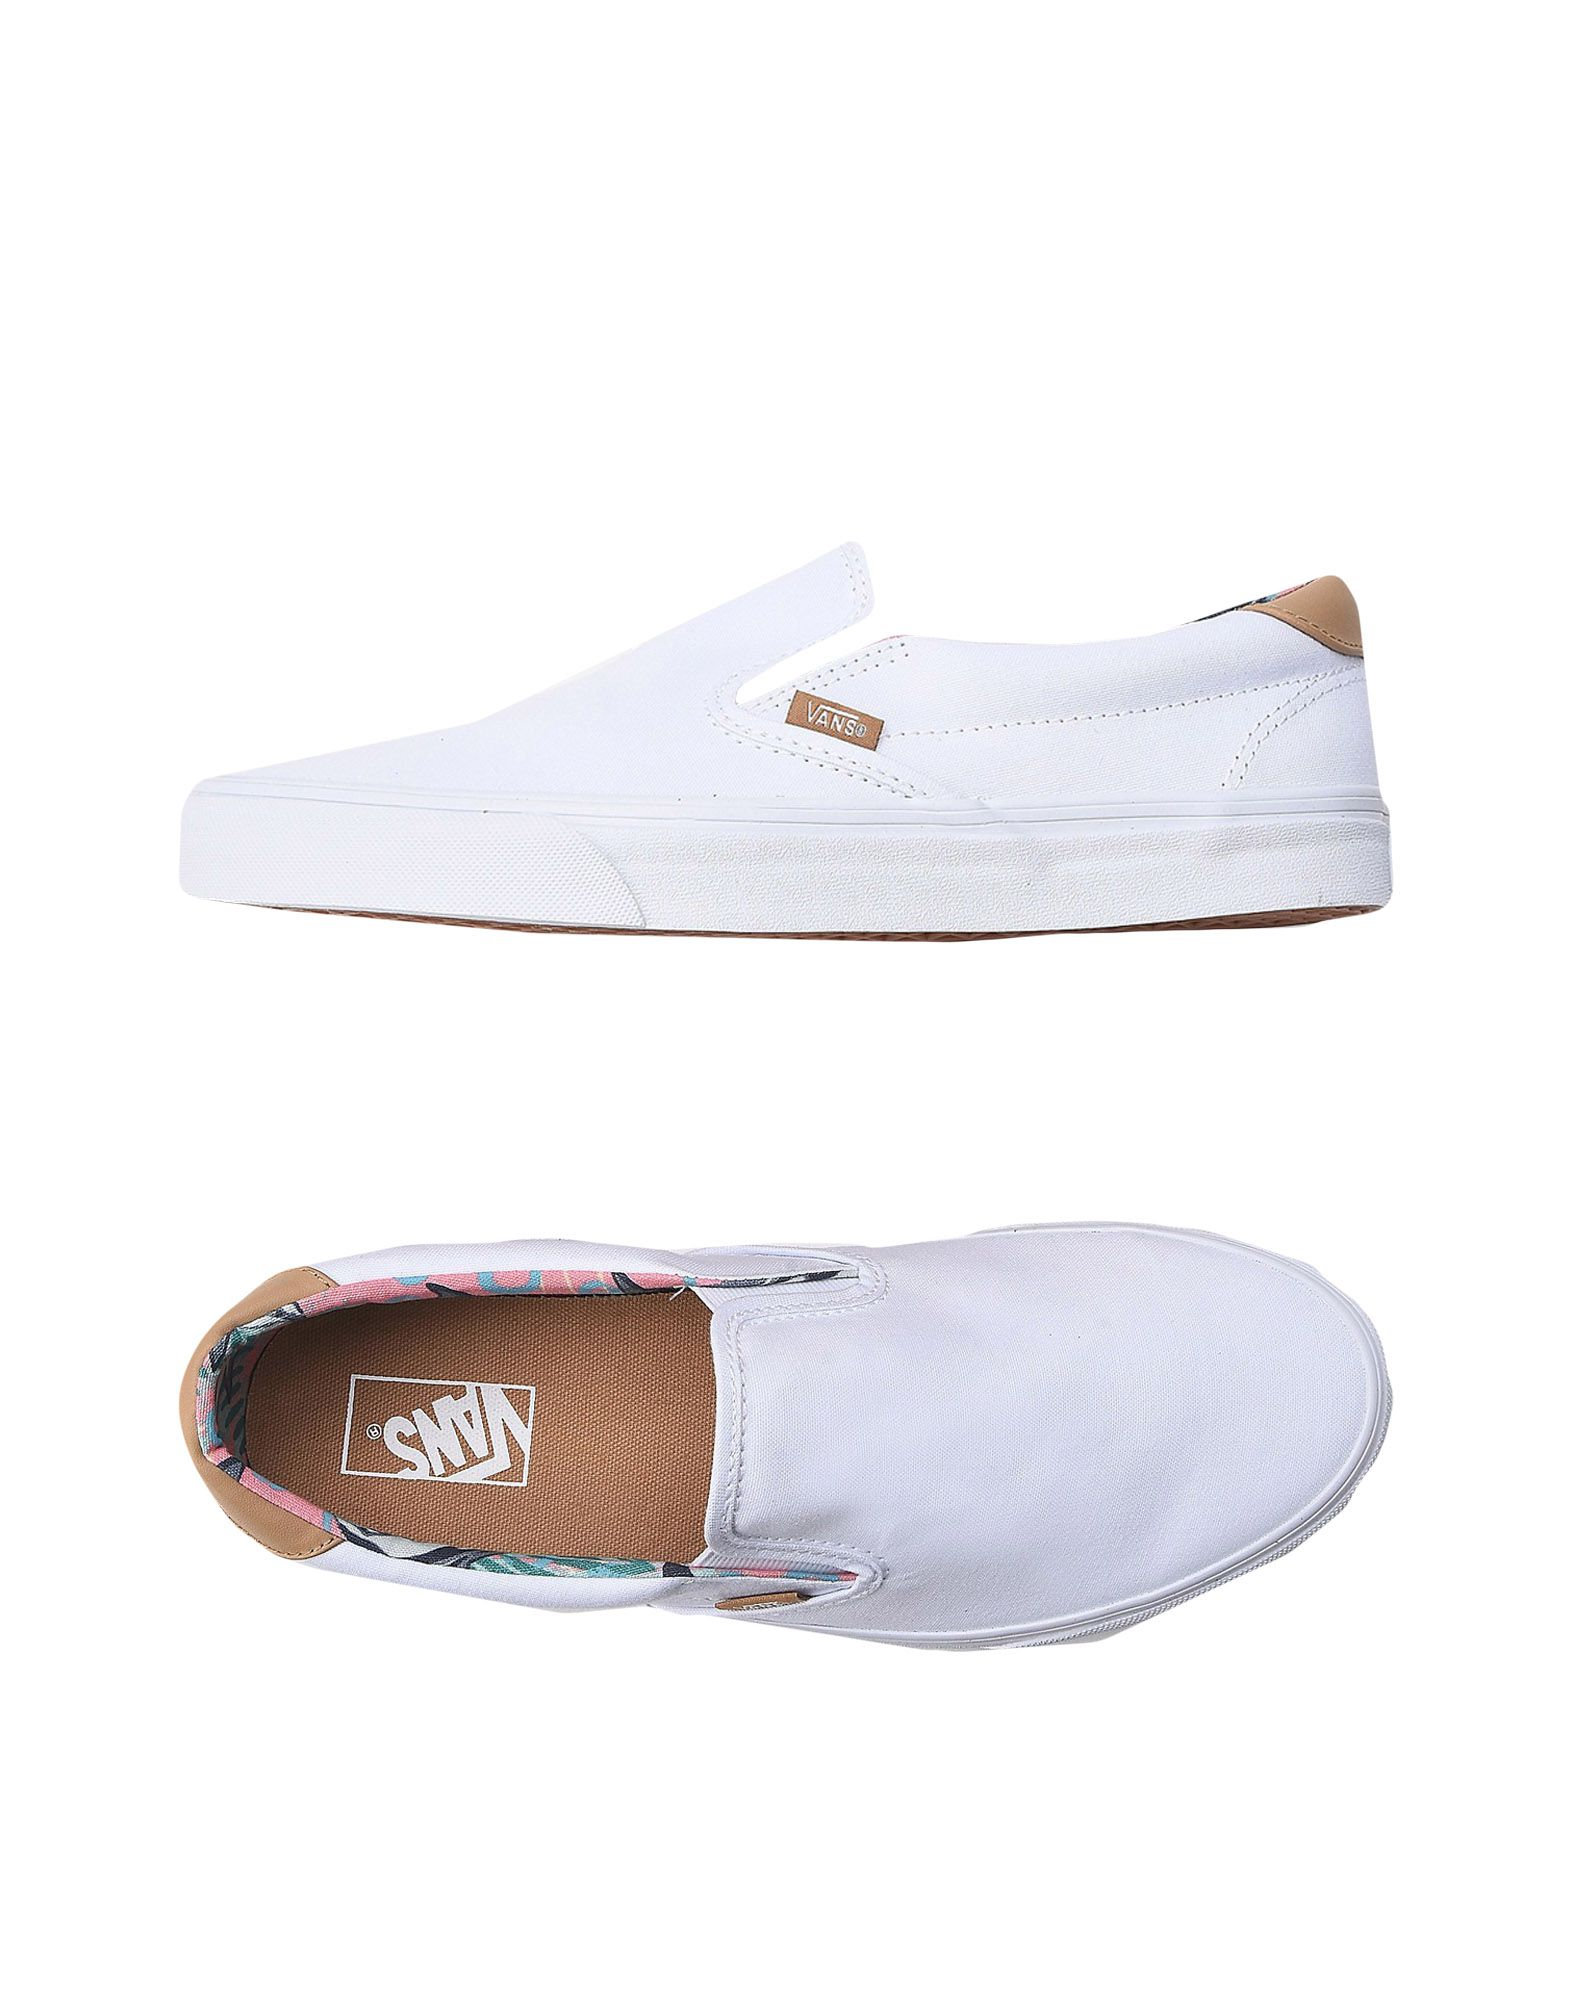 Sneakers Vans Ua Slip-On 59 11252524GH - Uomo - 11252524GH 59 51770f